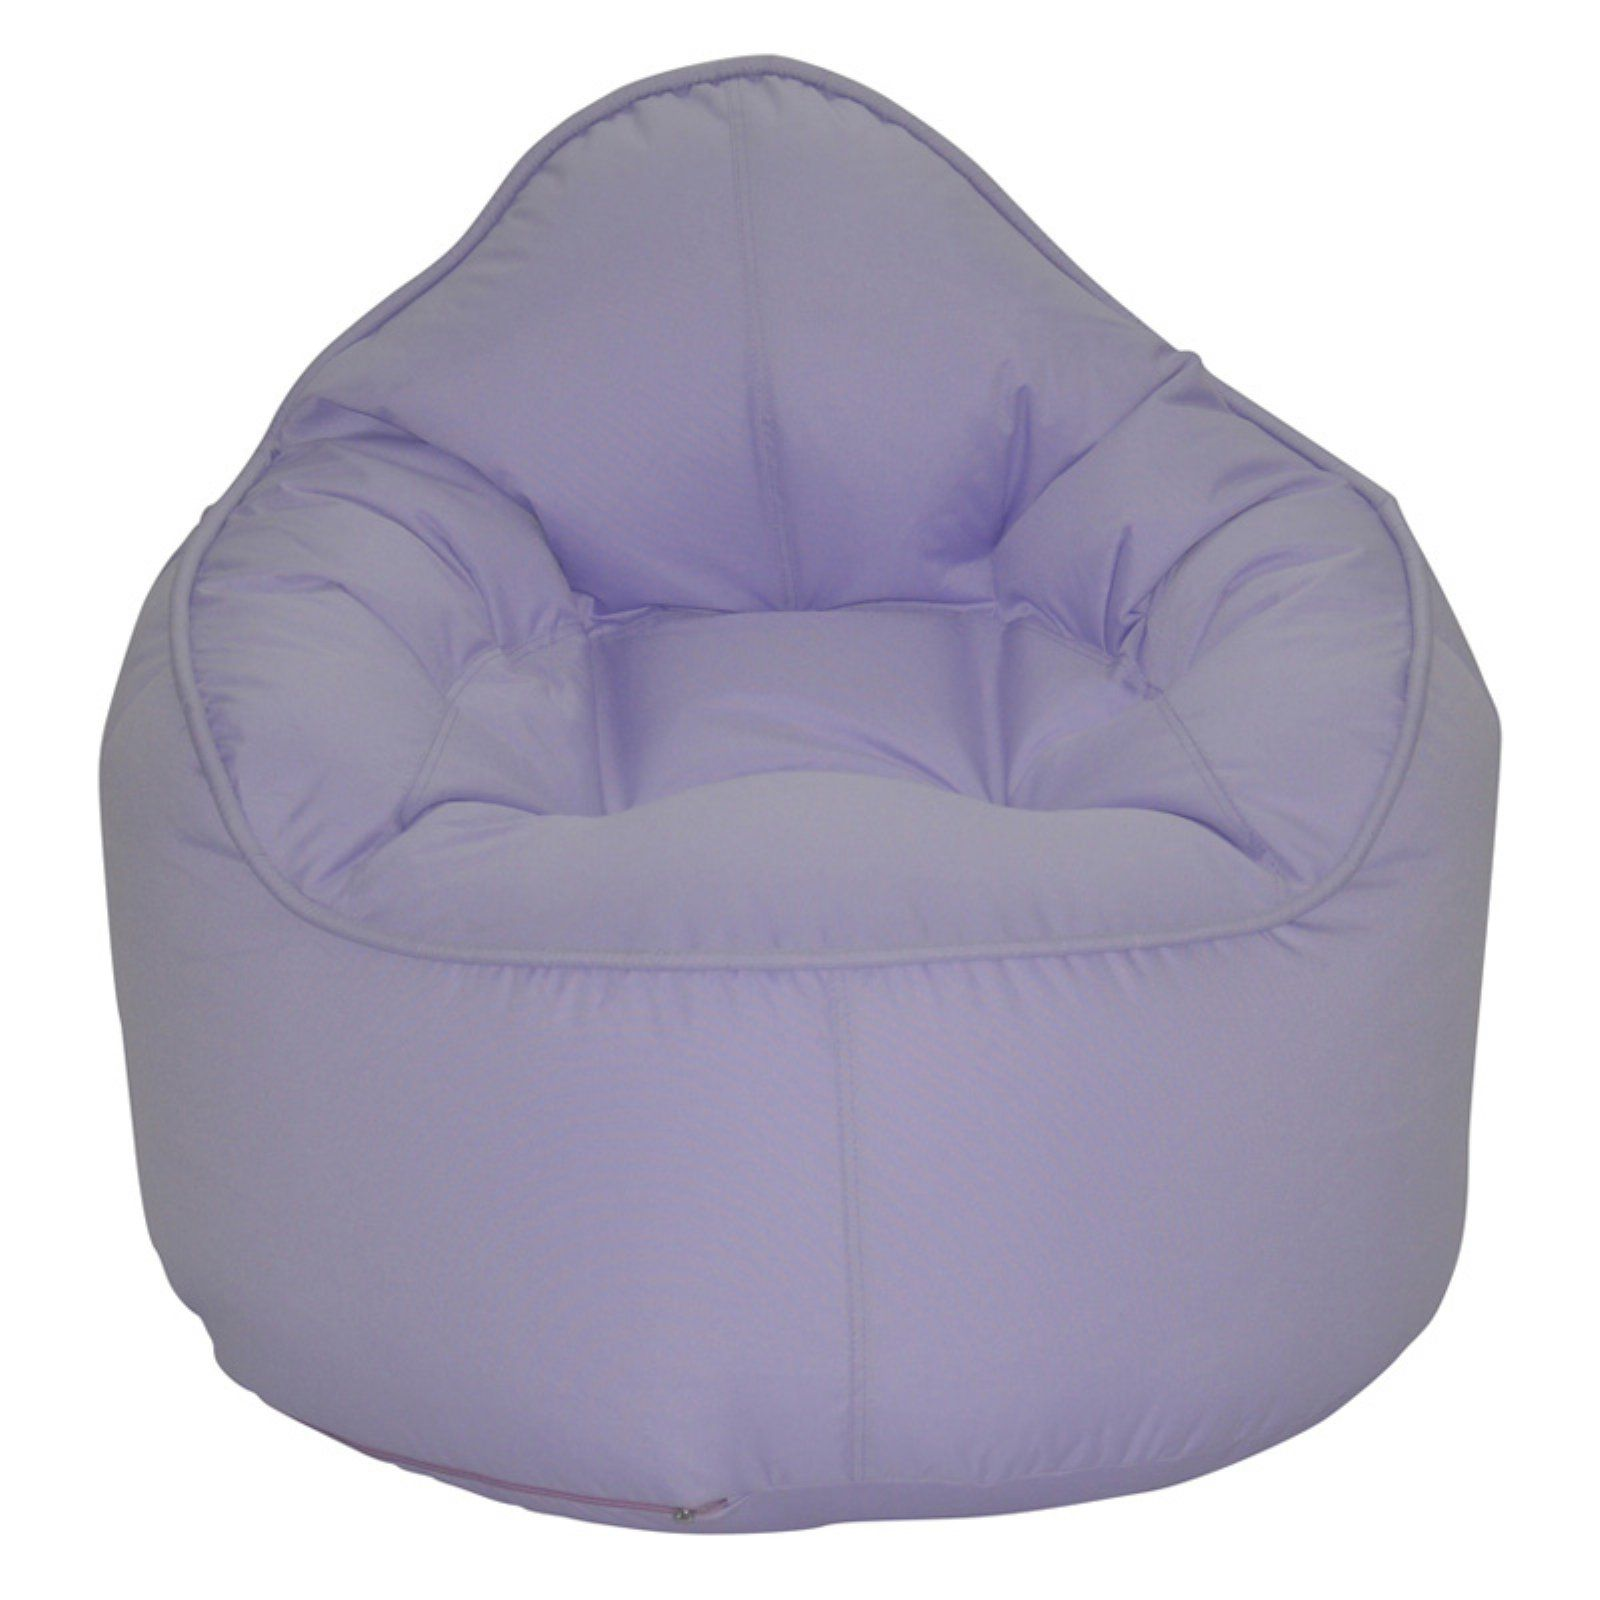 Superb Modern Bean Bag The Pod Bean Bag Chair Navy In 2019 Machost Co Dining Chair Design Ideas Machostcouk